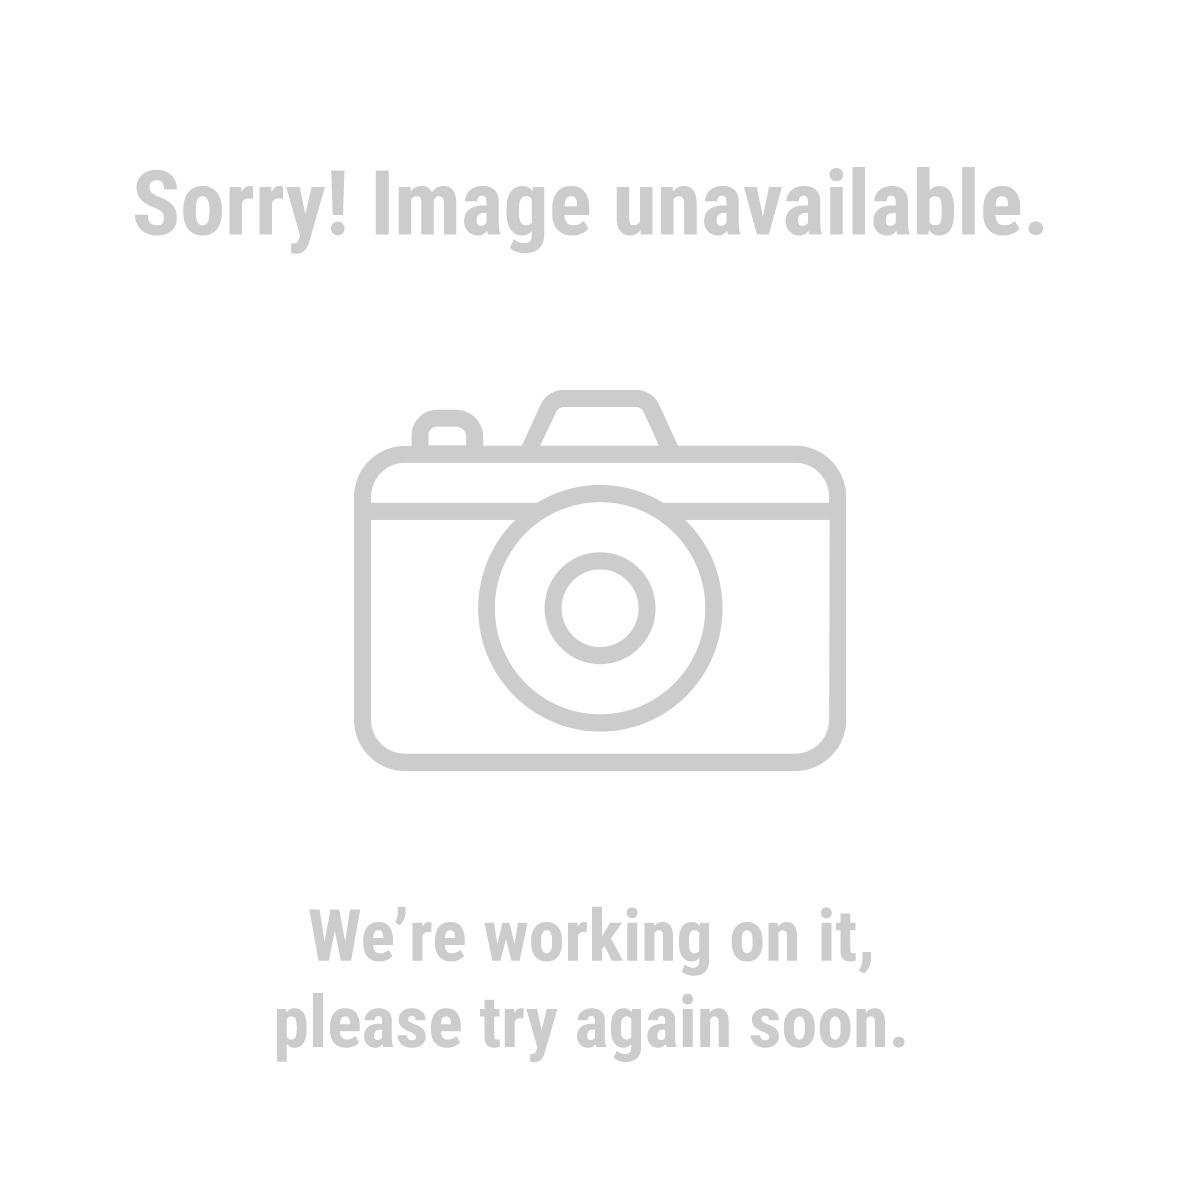 Warrior 60299 5 Piece Open Cell Sanding Pads